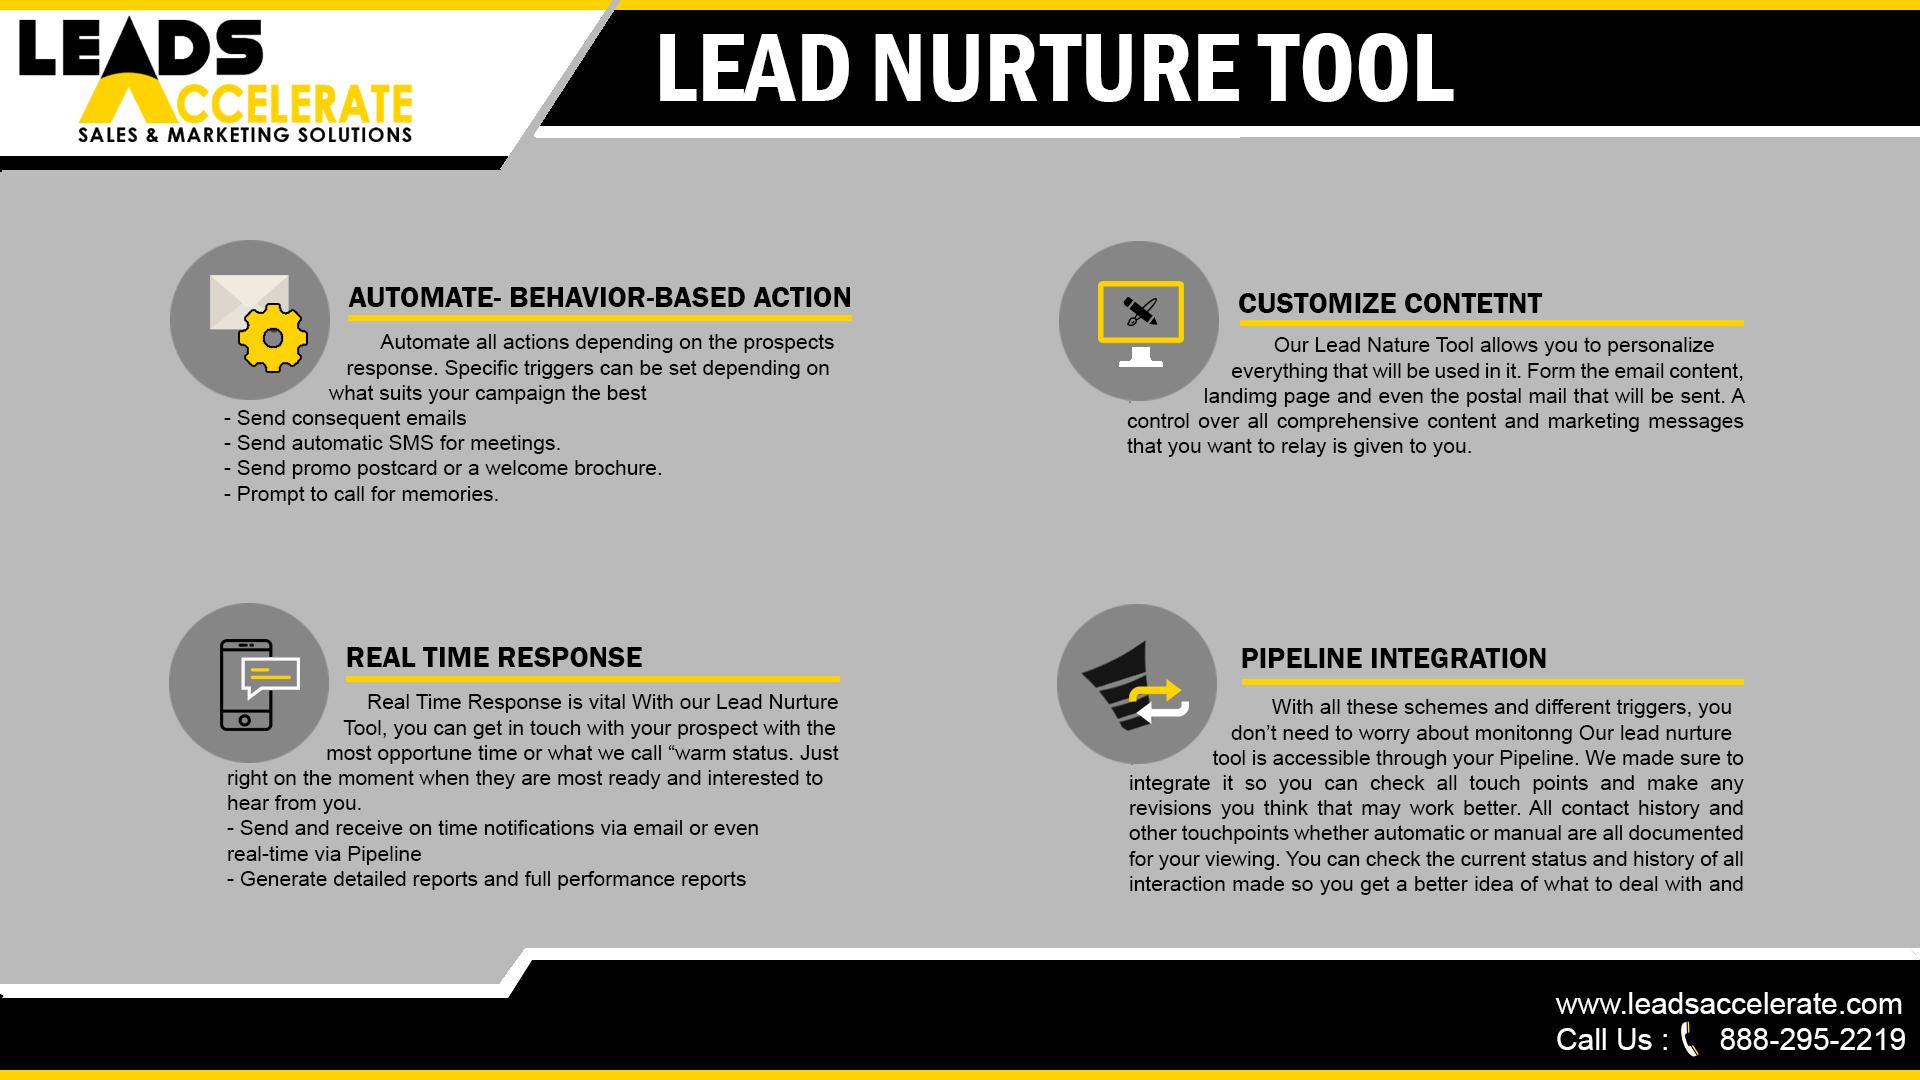 lead nature tool